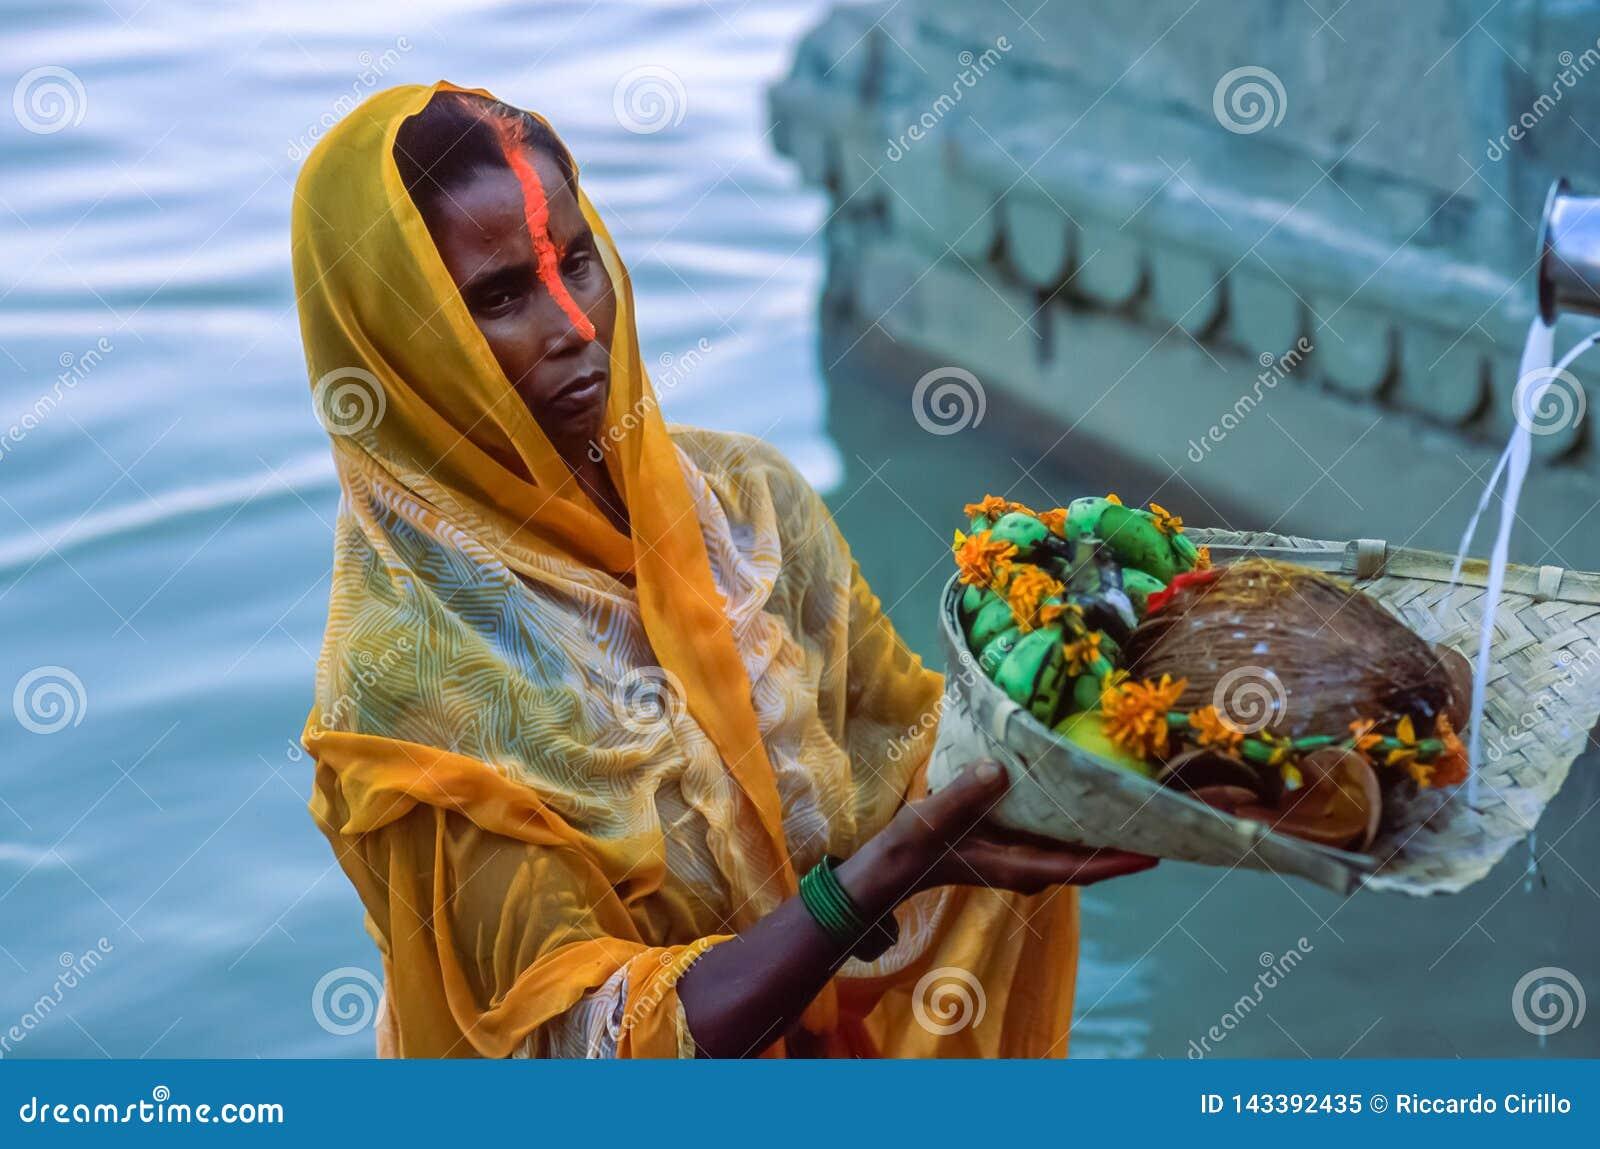 Indiańskie Hinduskie kobiety dewotki ofiary modlitwy słońce bóg podczas Chhath Puja w Varanasi